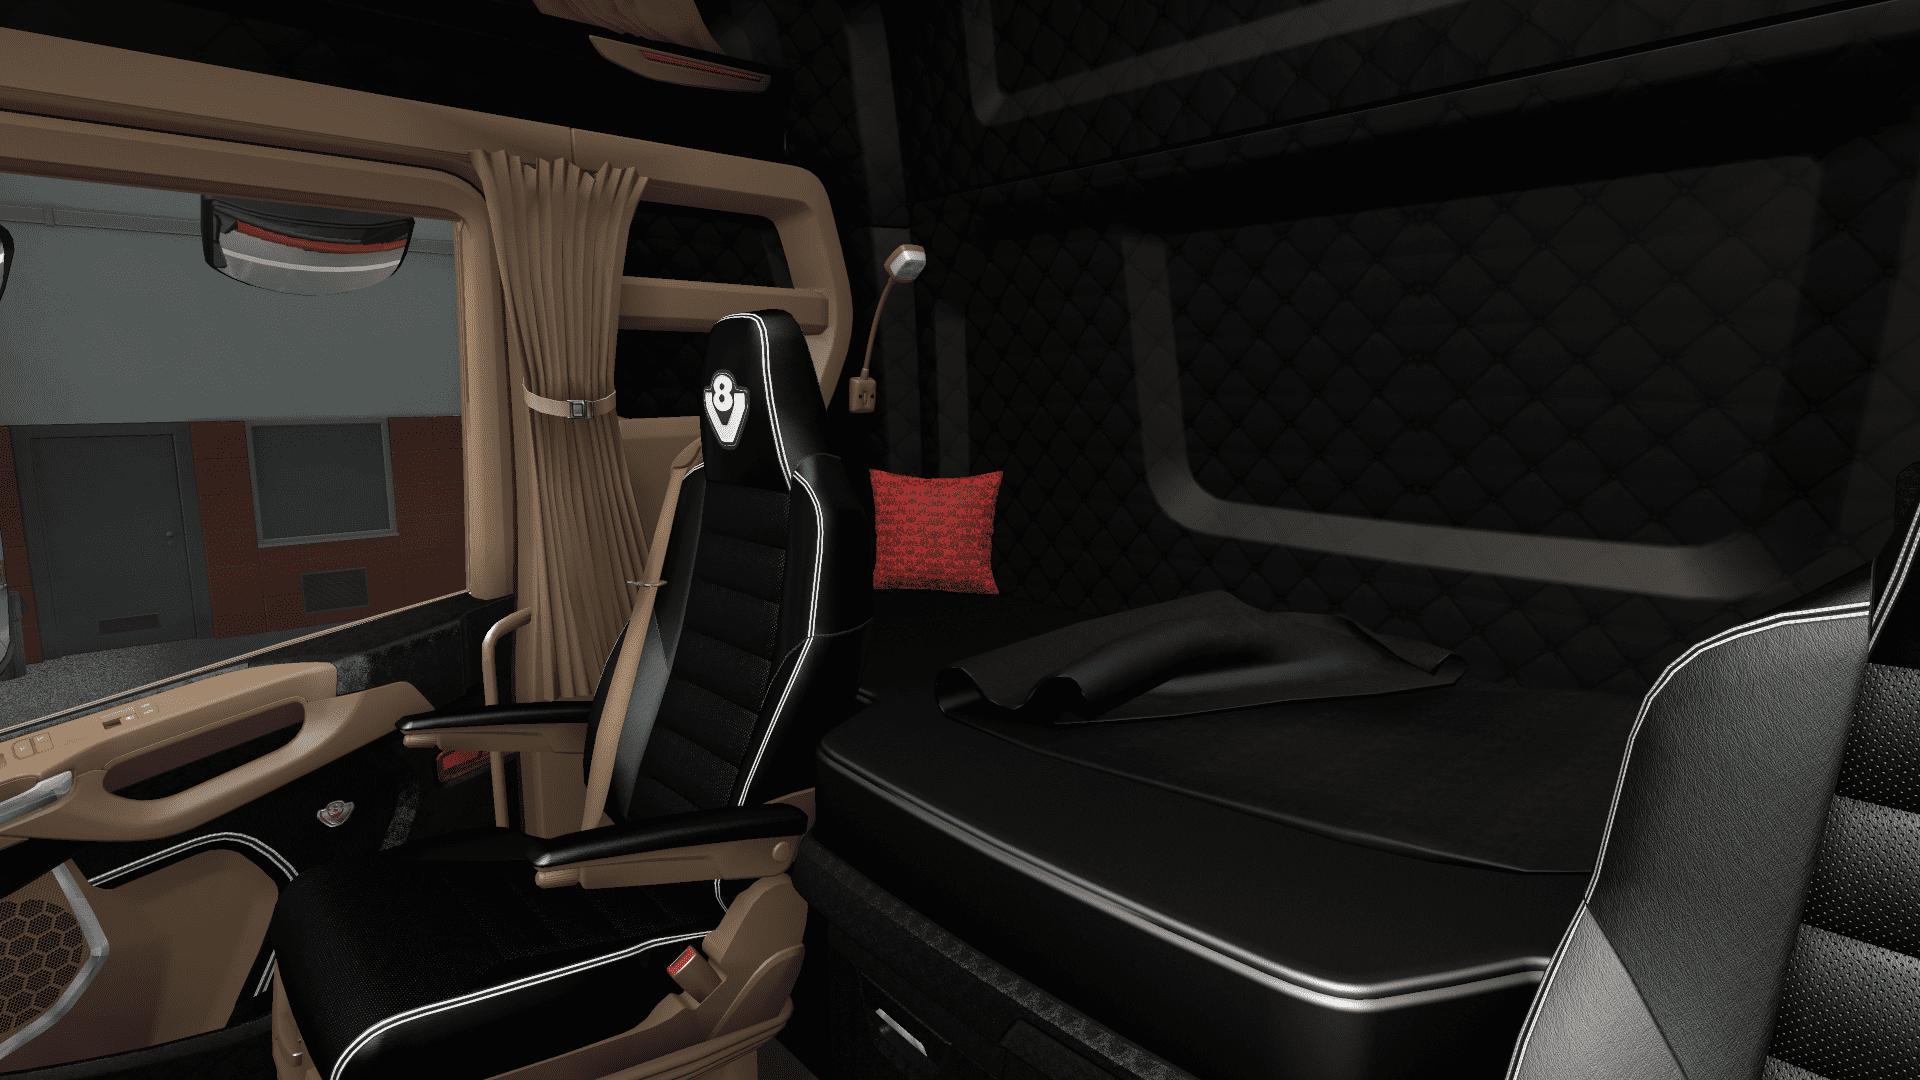 ETS2 - Pluche Pillow for All Trucks V1.0 (1.40.x)